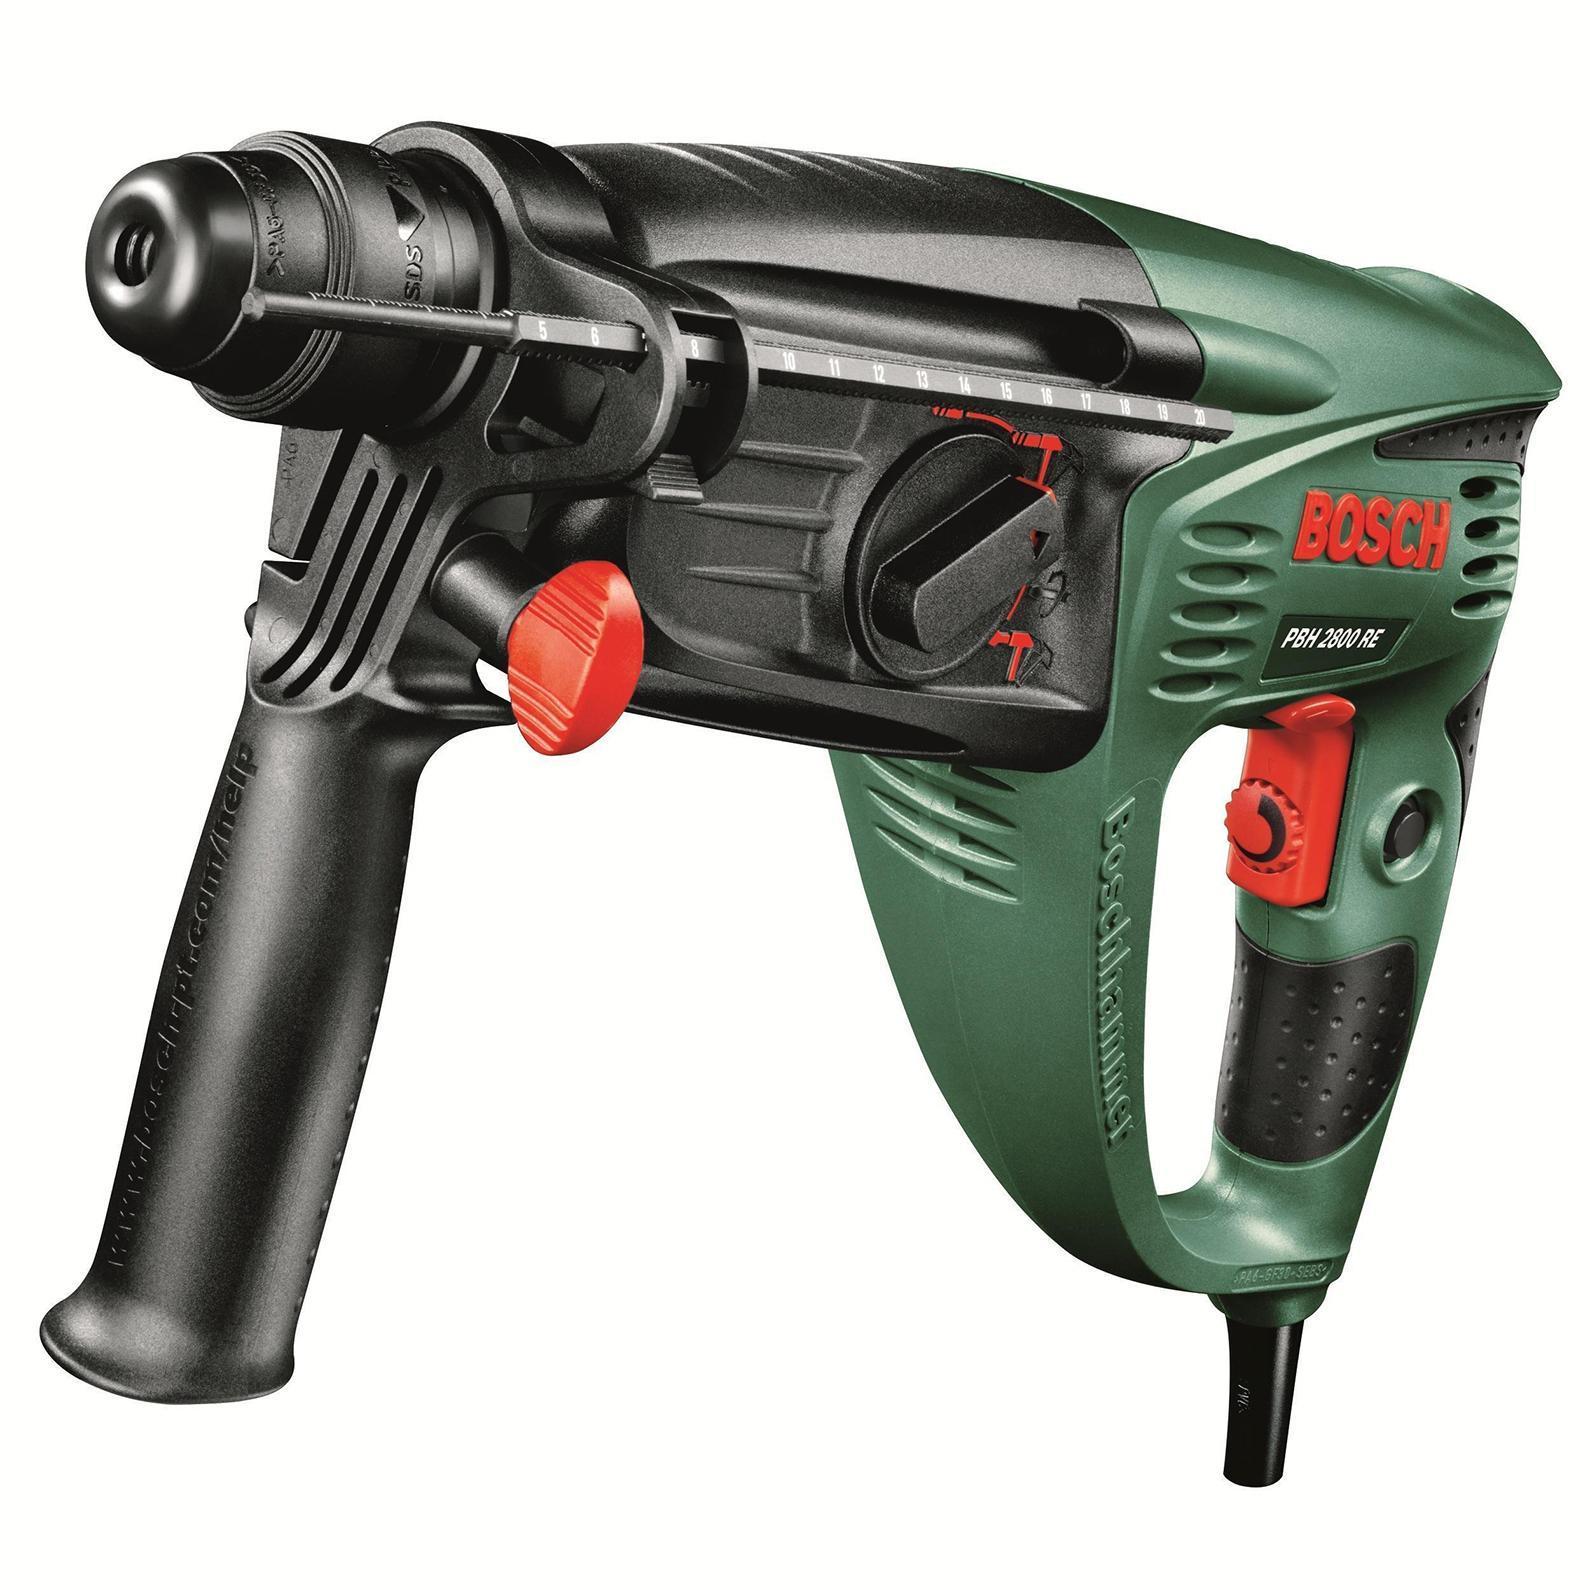 Bosch PBH 3000 FRE перфоратор (0603393220)PBH 3000 FREДомашний помощник Производитель ручного инструмента Bosch для использования как в быту, так и на производстве. Перфоратор предназначен для создания отверстий в металле, в дереве и других твердых материалах. В режиме «сверление с ударом» или «долбление» инструмент способен продолбить отверстие в бетоне, кирпиче, керамике. Отличная производительность При относительно не сложных видах работ, а также при эксплуатации инструмента на высоте вам необходим сравнительно легкий и производительный перфоратор. Именно таким является от производителя Bosch. Весом 3 кг, он снабжен мощным двигателем 750 Вт и длинным сетевым кабелем 4 м. Модель имеет функцию удара с энергией 2.8 Дж, частотой 4000 уд/мин., что делает его отличным «убийцей» бетона и кирпича. Долбить или сверлить Самым популярным режимом большинства перфораторов является режим «сверления с ударом», при котором рабочая оснастка получает одновременно...